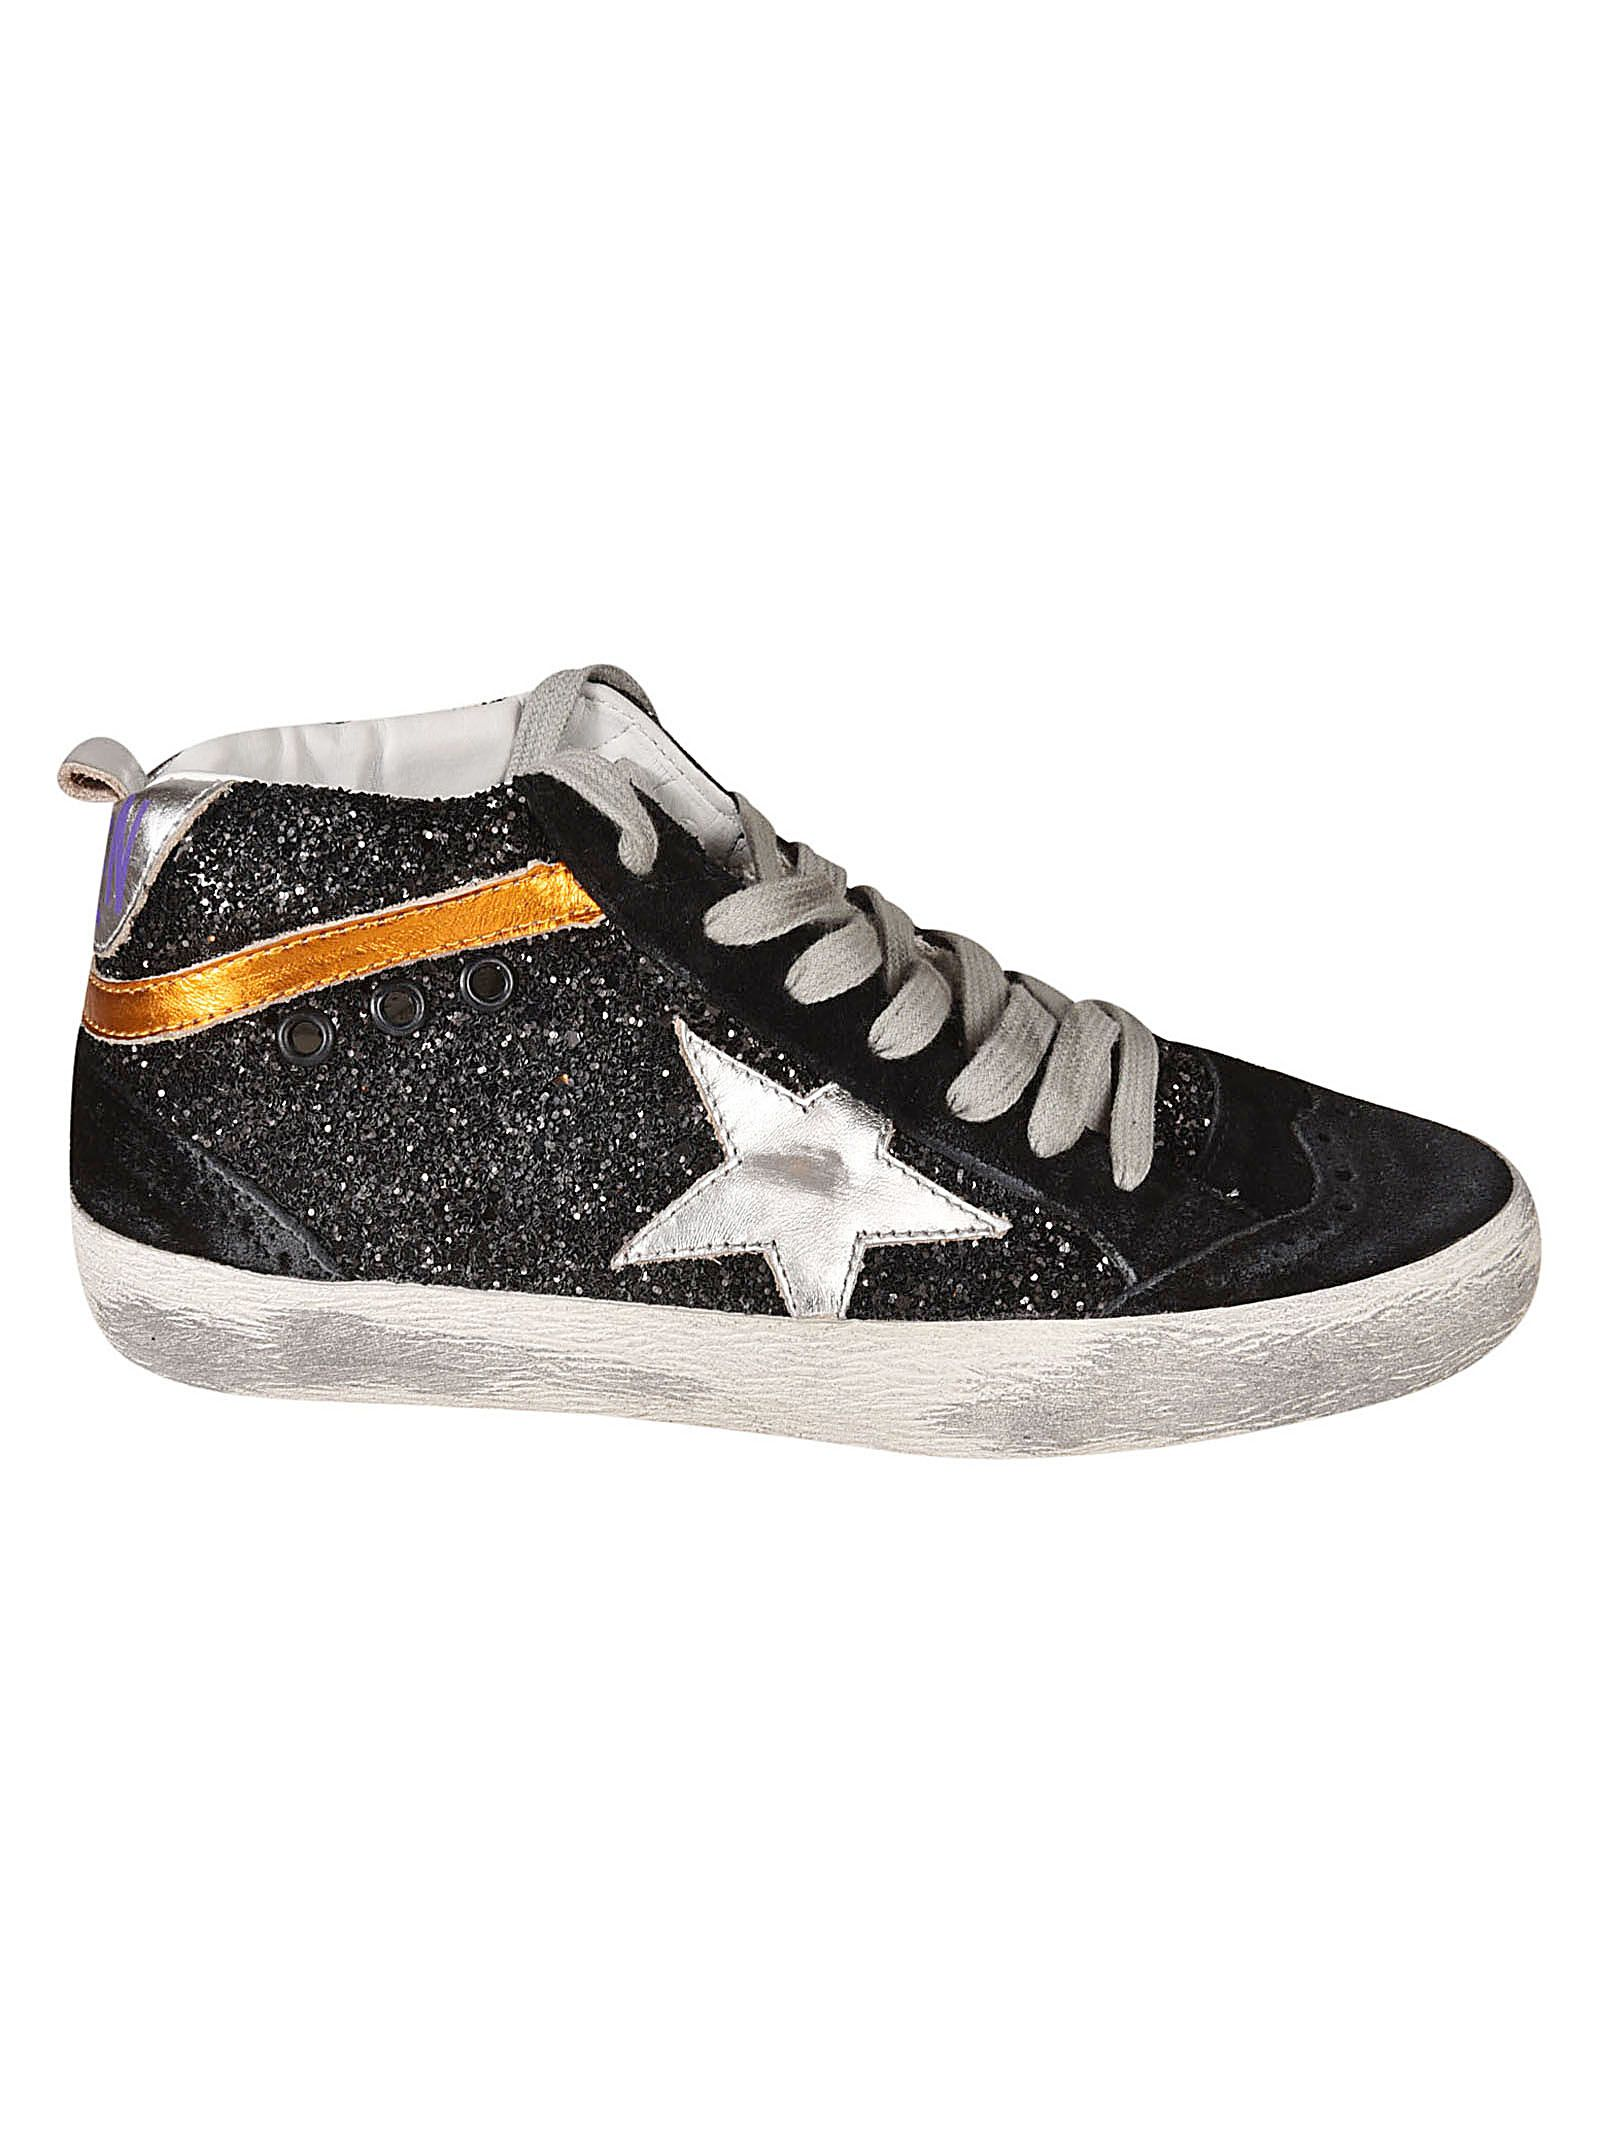 Golden Goose Deluxe Brand Mid-length Top Star Sneakers